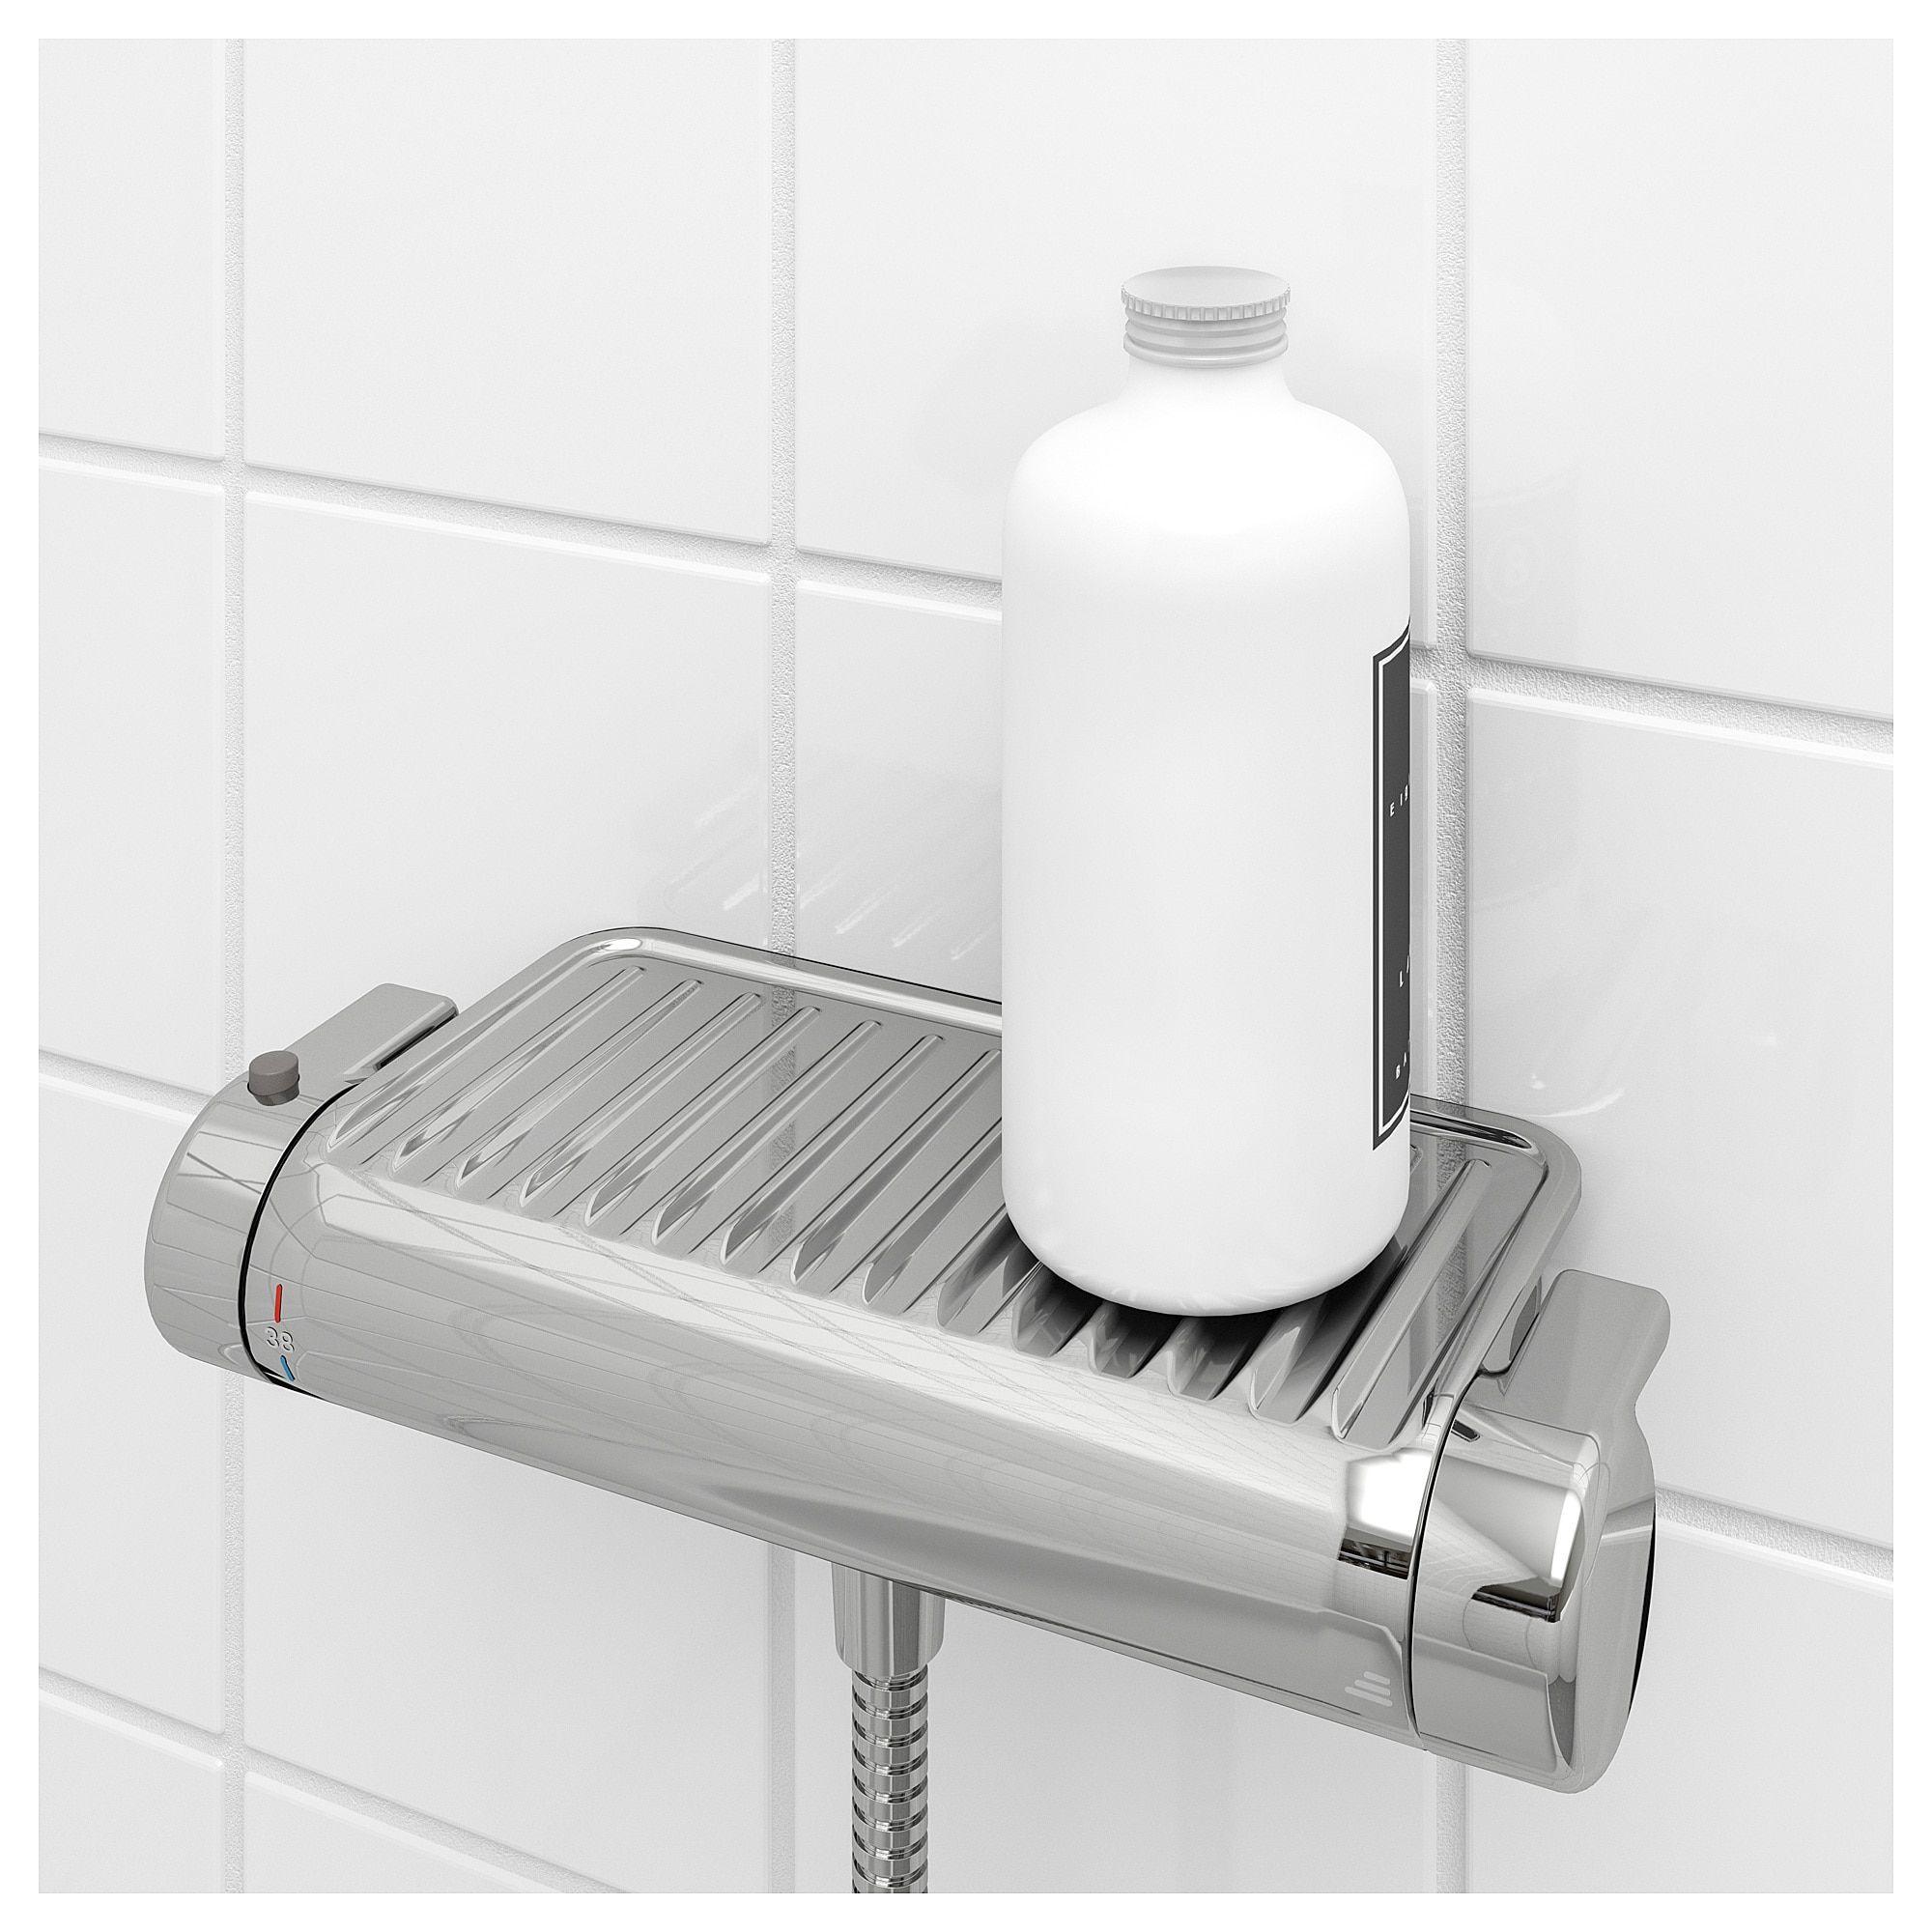 Full Size of Dusche Mischbatterie Voxnan Thermostat Verchromt Ikea Begehbare Fliesen Wand Bodengleiche Einbauen Badewanne Abfluss Kaufen Hüppe Duschen Walkin Glaswand Dusche Dusche Mischbatterie